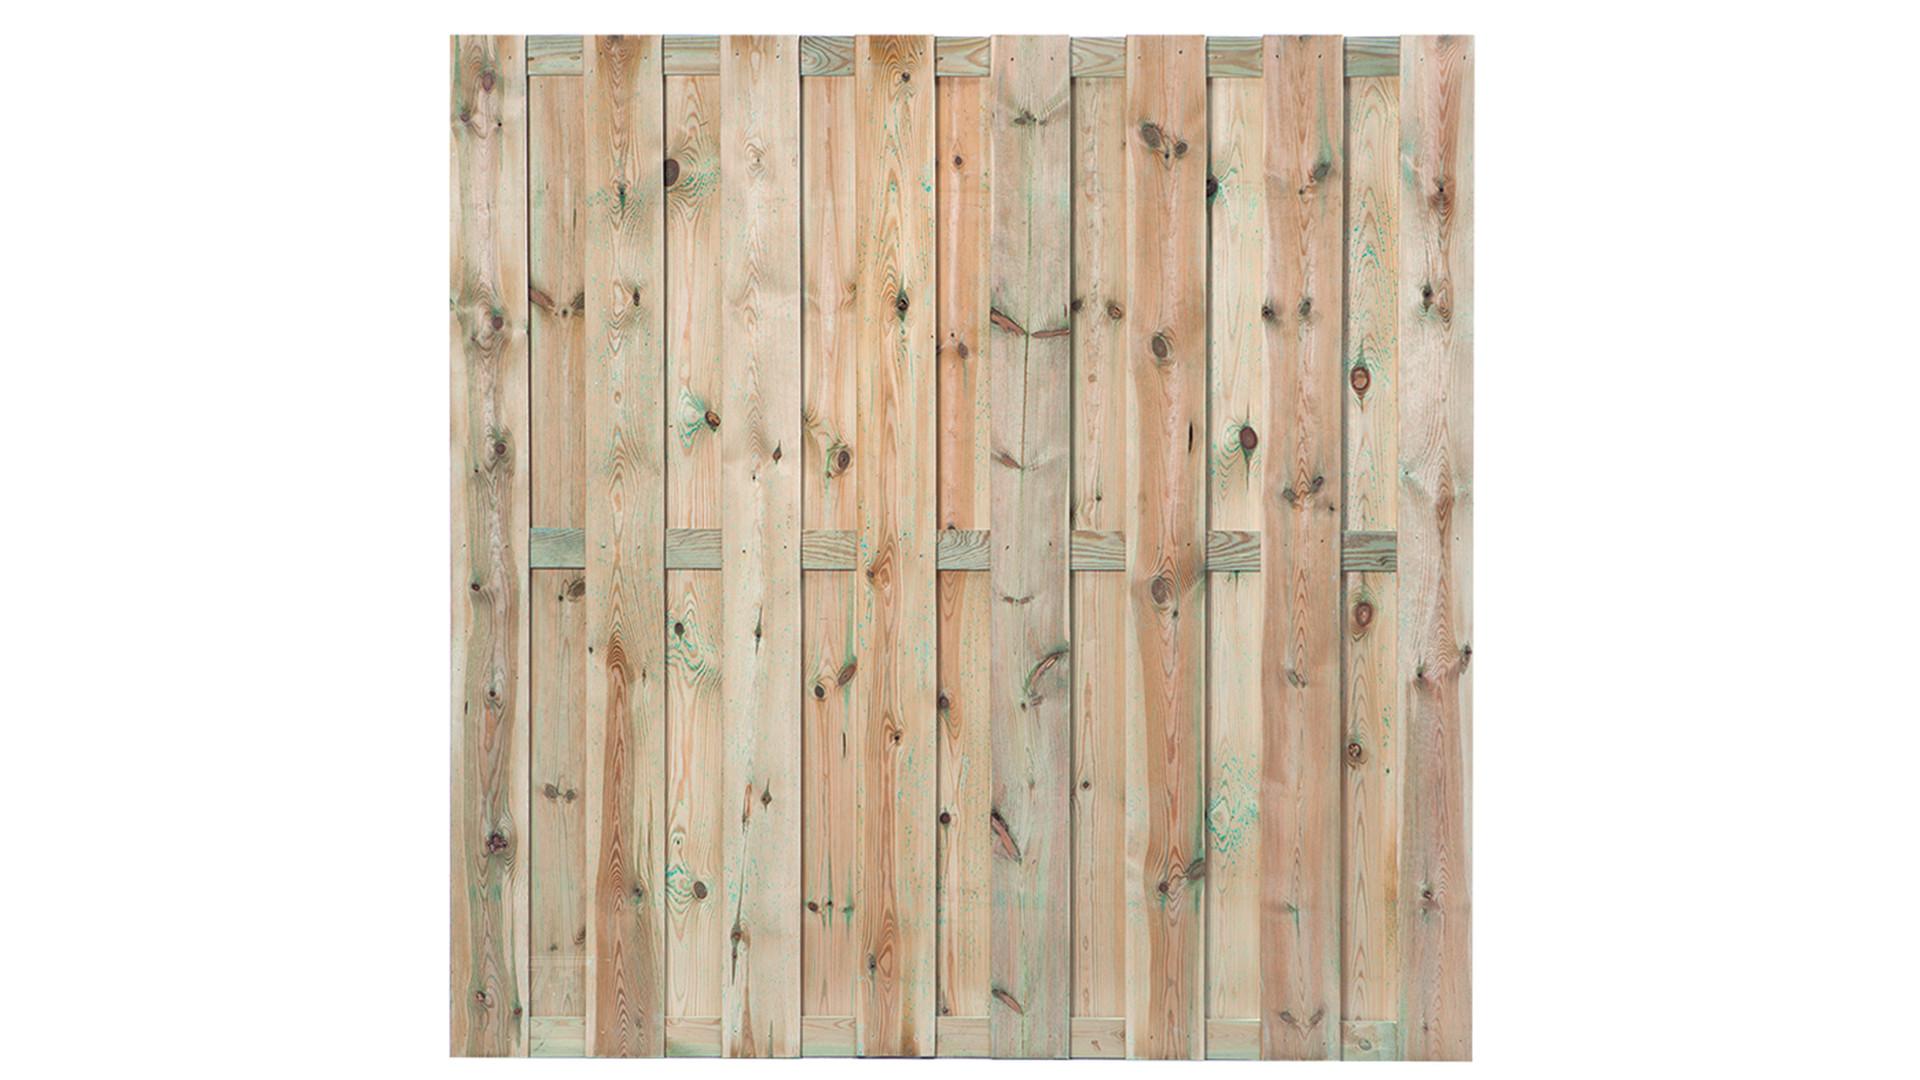 Tuinscherm Maastricht 180x180 cm - 15 planks